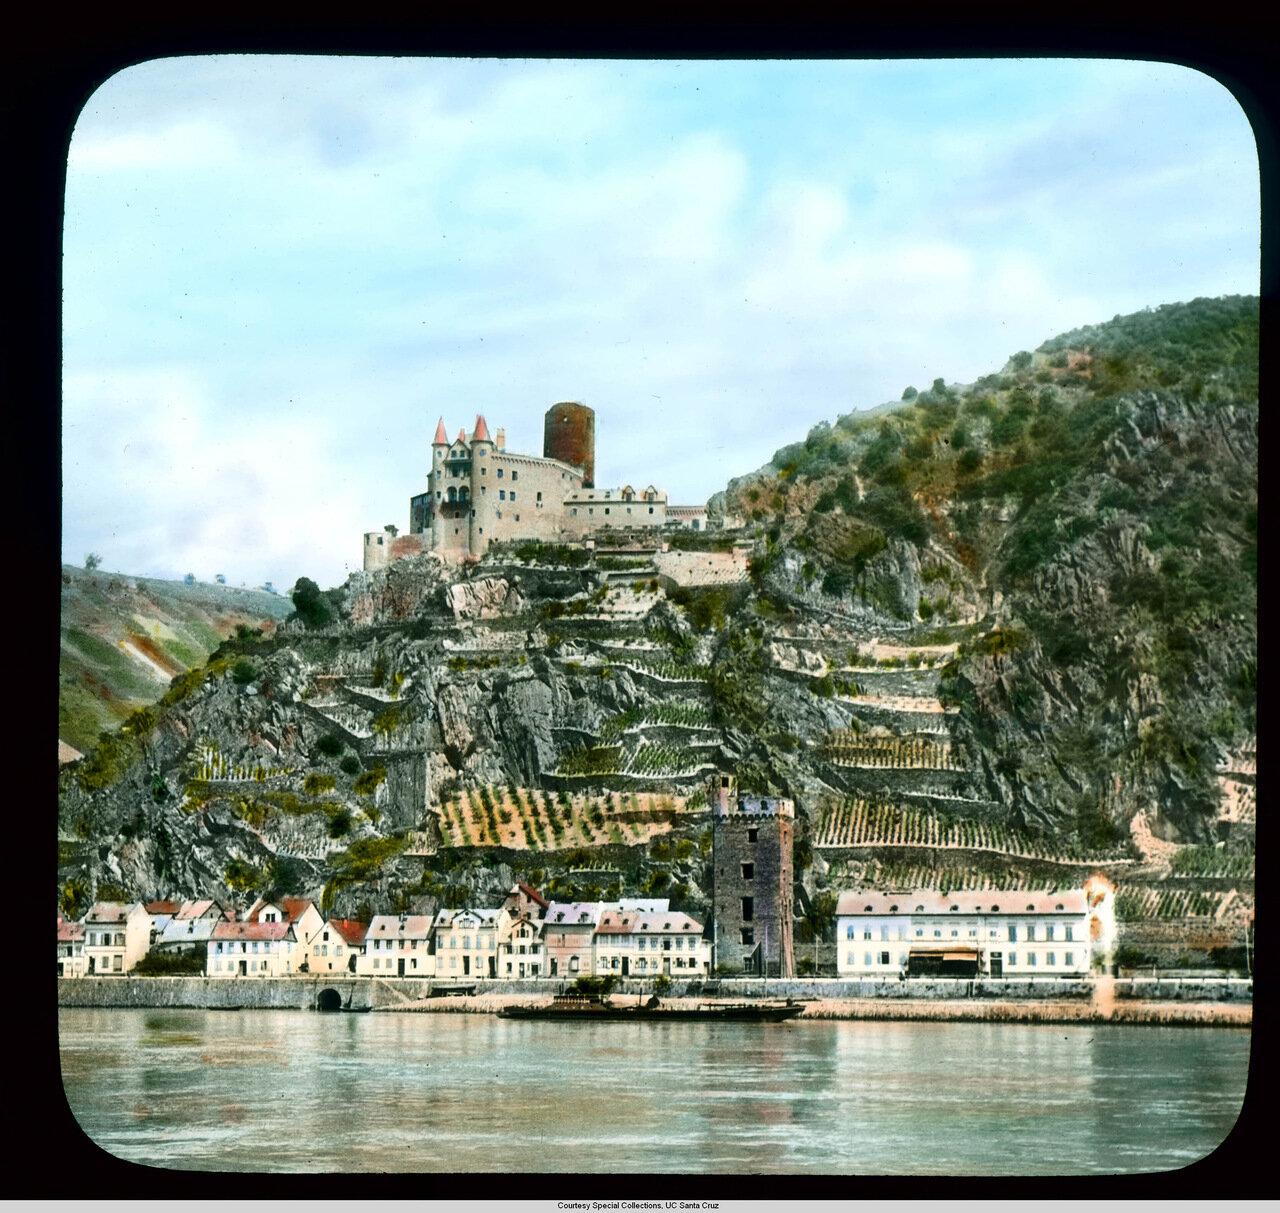 Рейнская долина. Санкт-Гоарсхаузен с террасами виноградников и Крепость Кац.